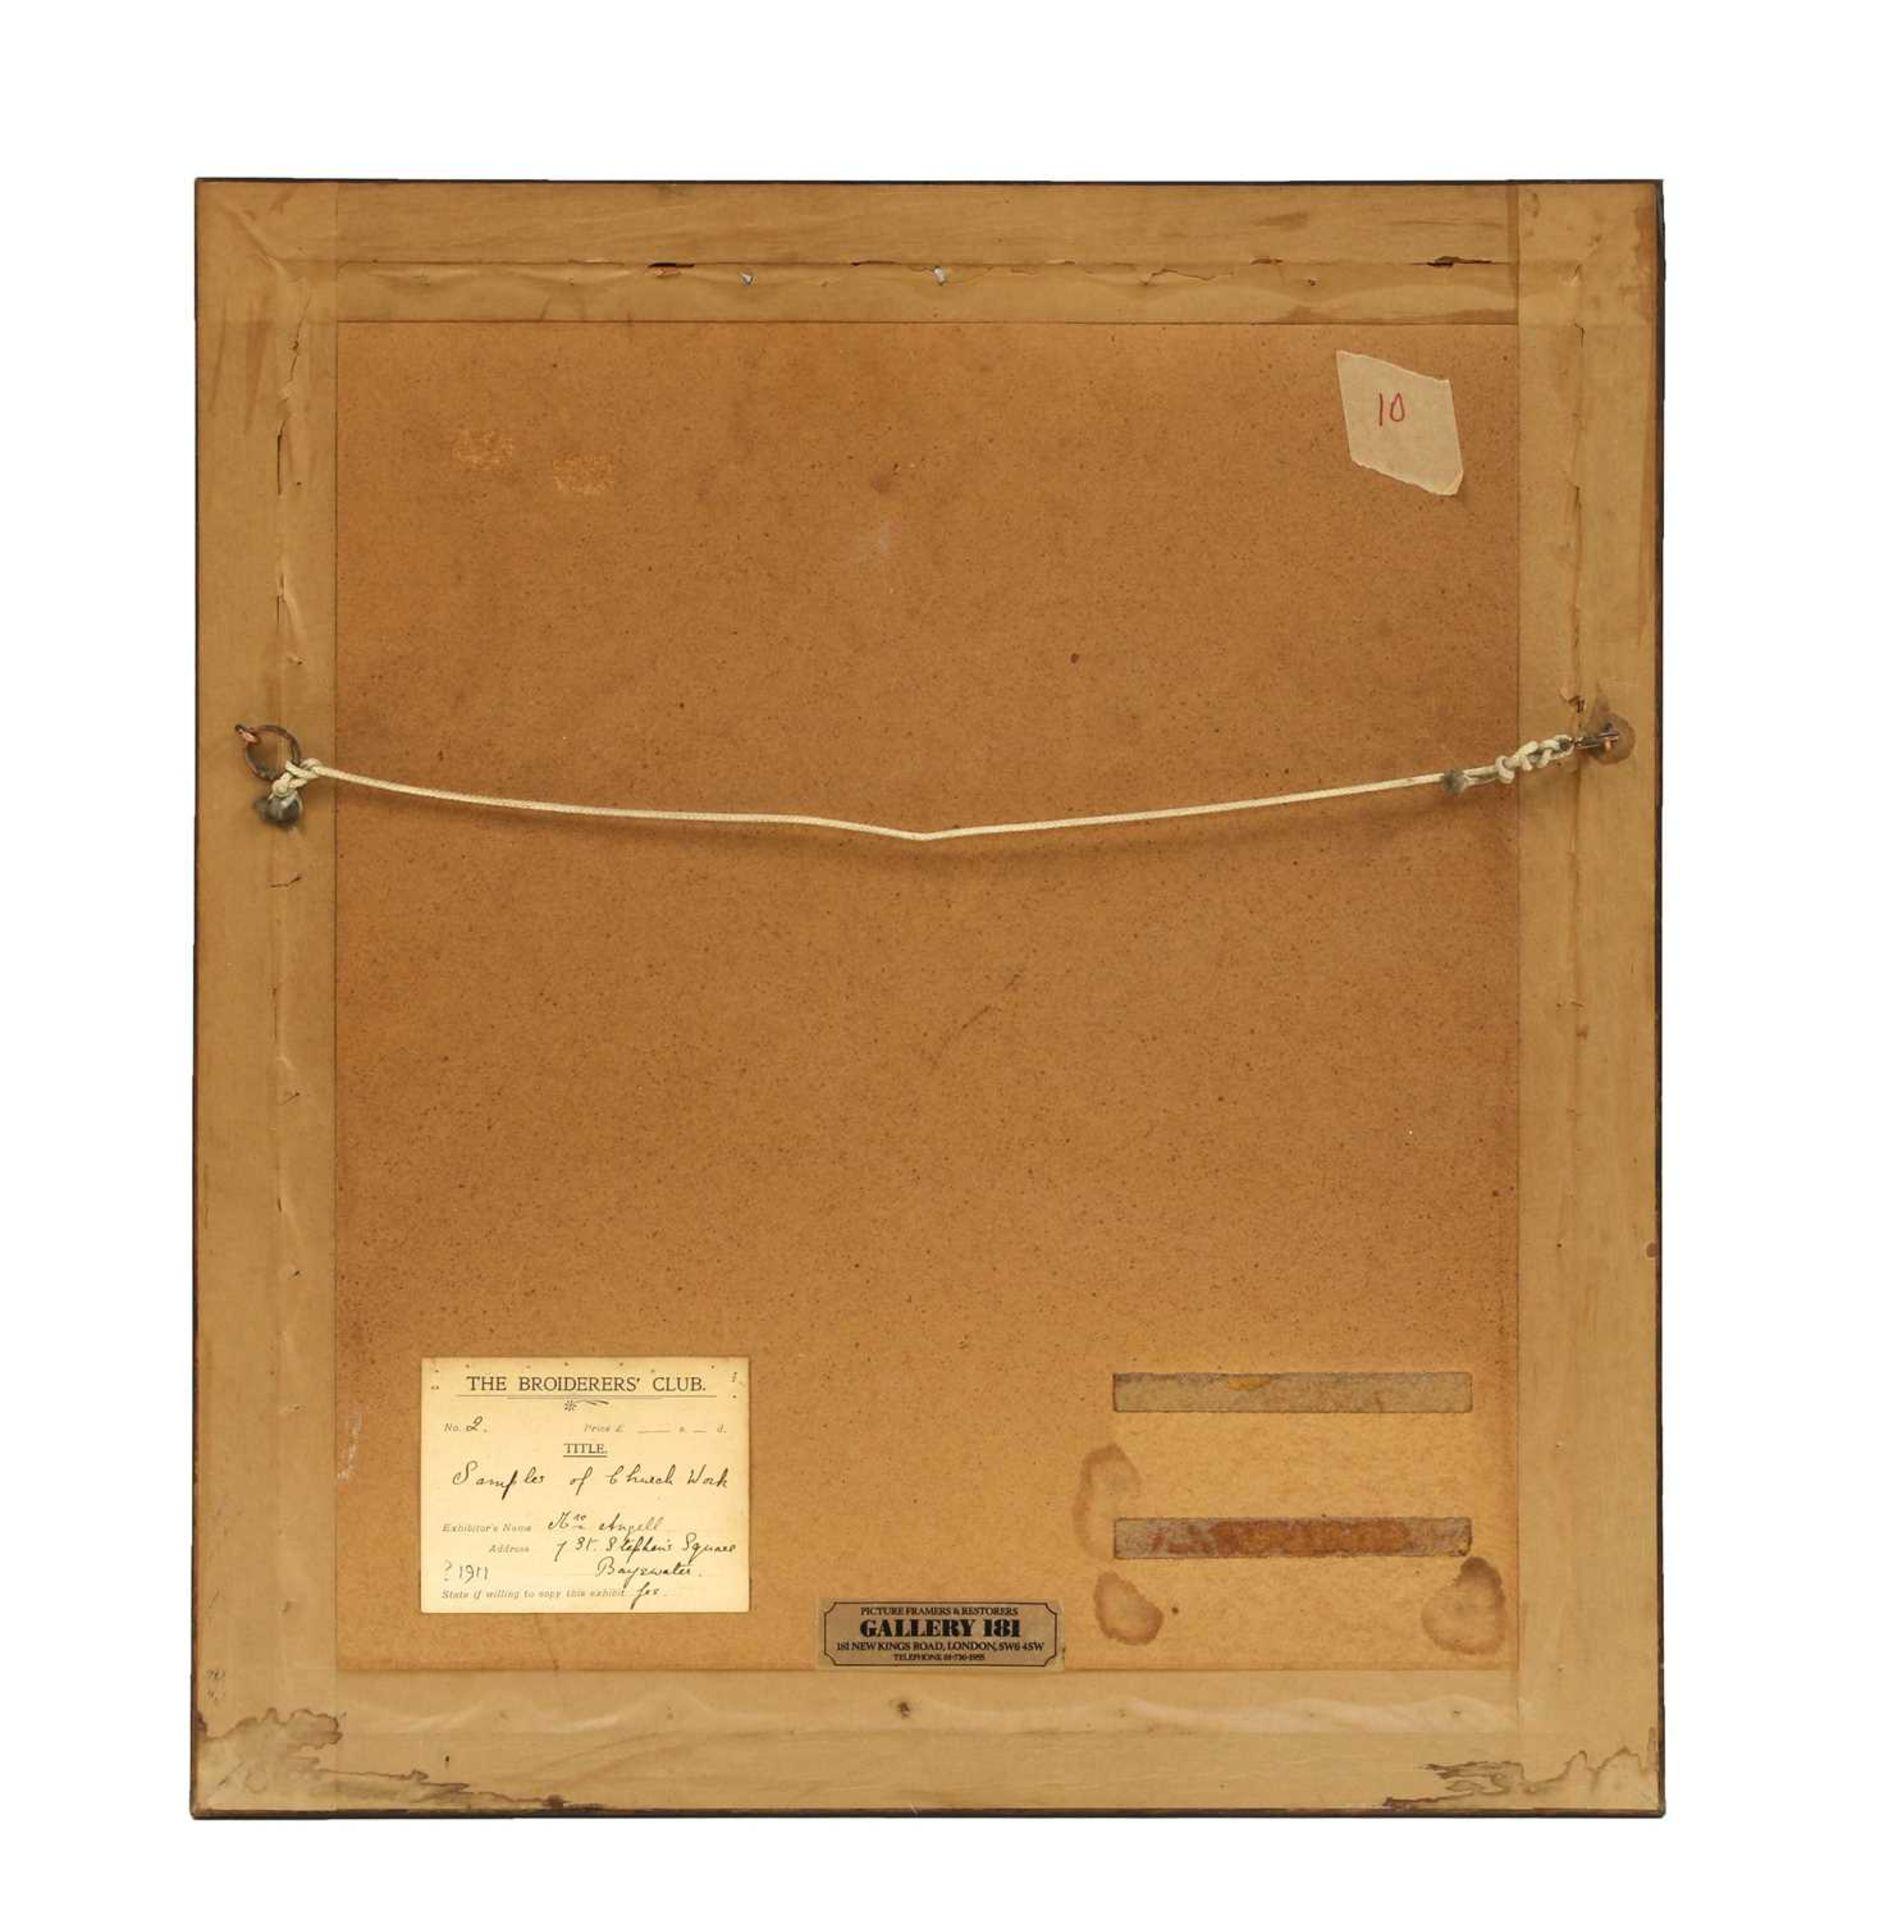 A framed goldwork embroidery sampler, - Image 2 of 2